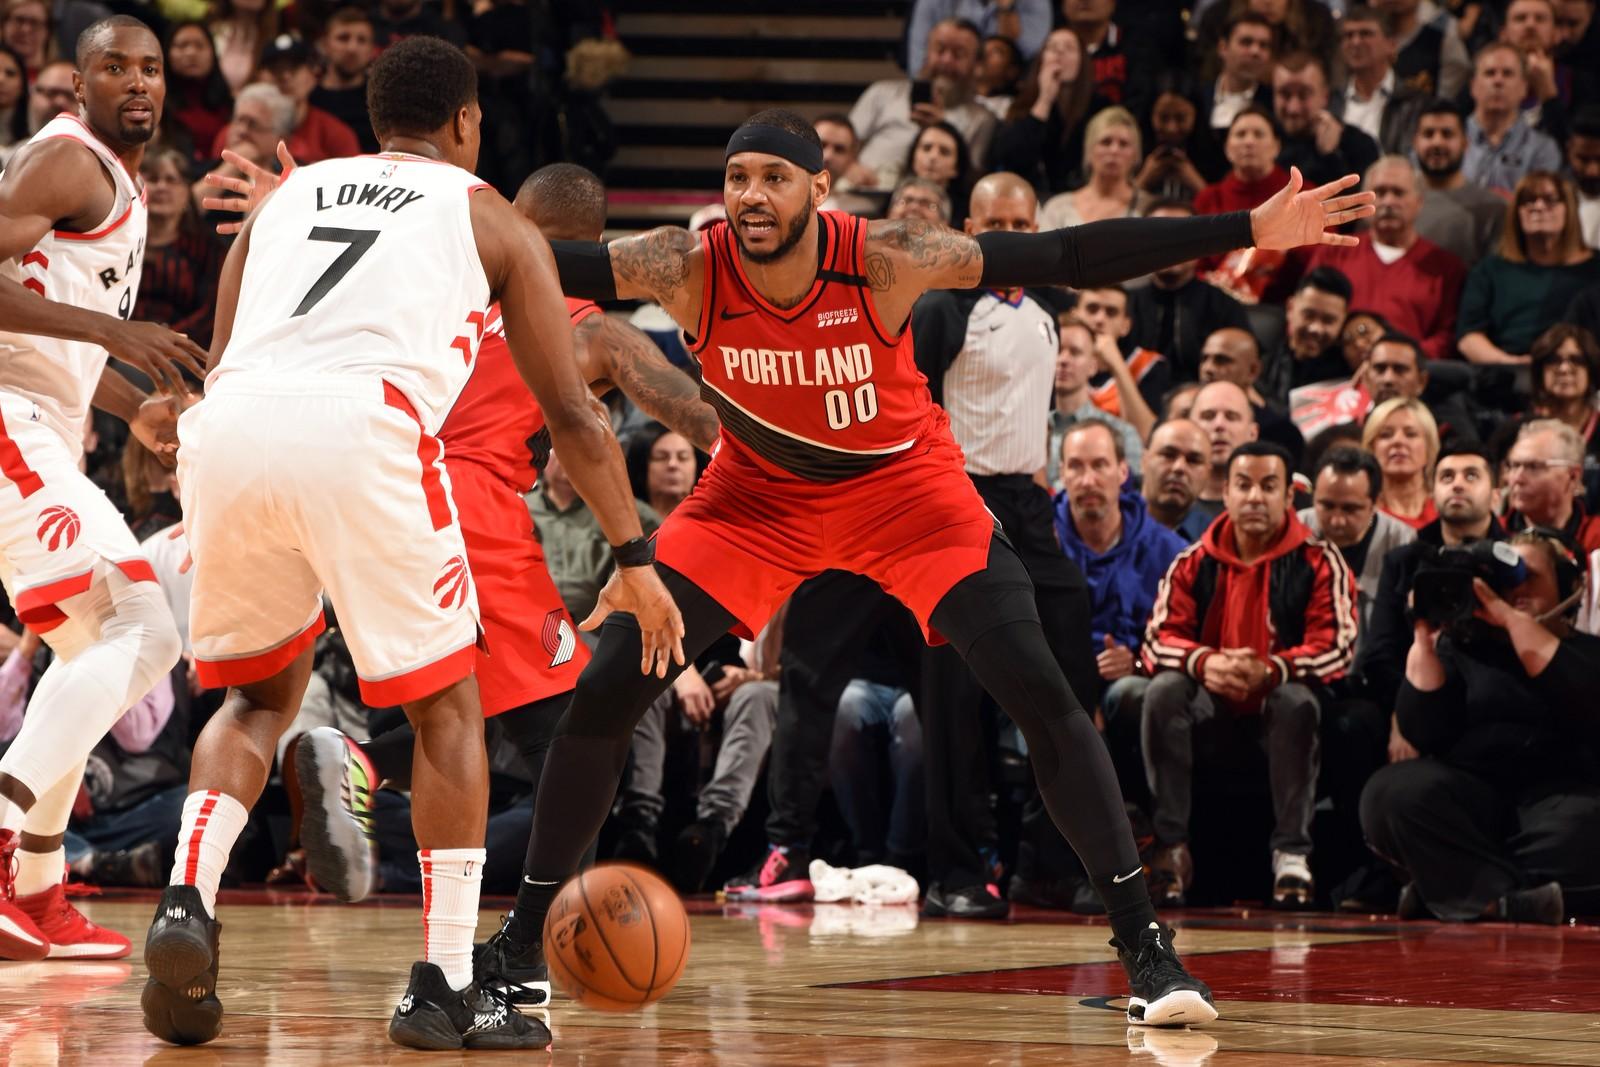 Kyle Lowry e Carmelo Anthony foram os principais destaques em quadra — Foto: Ron Turenne/NBAE via Getty Images